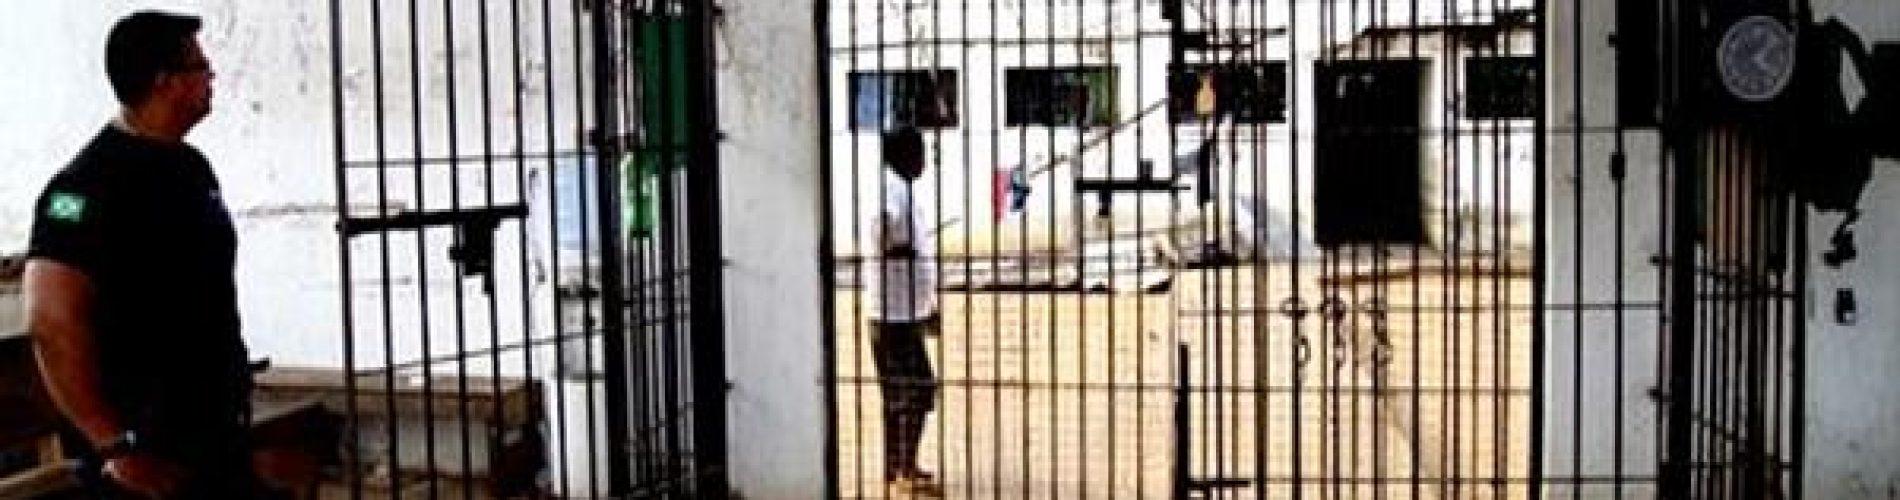 Justiça autoriza saída temporária para 215 presos no Piauí